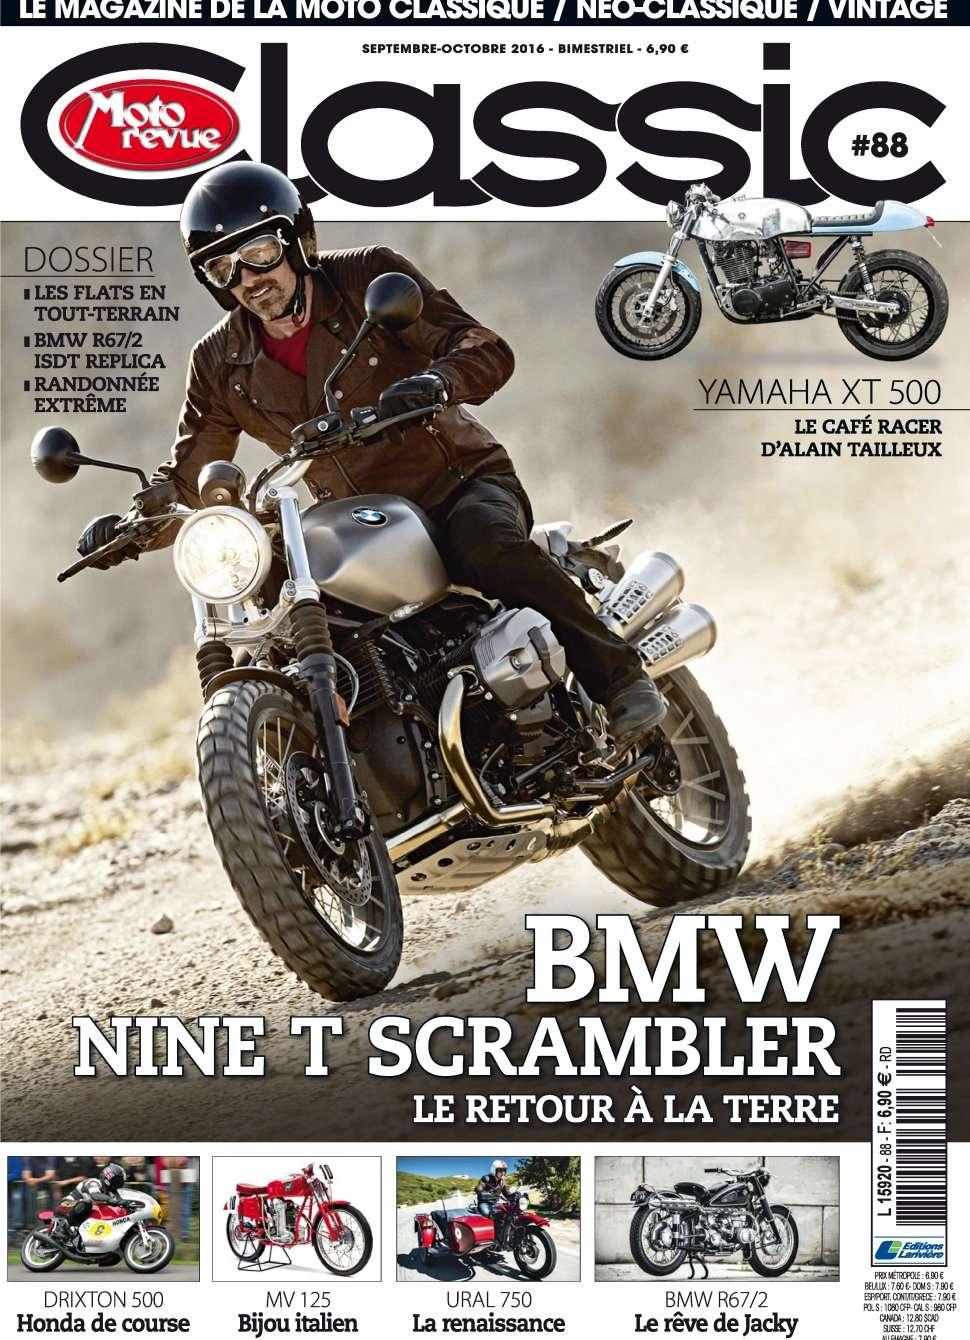 Moto Revue Classic 88 - Septembre/Octobre 2016